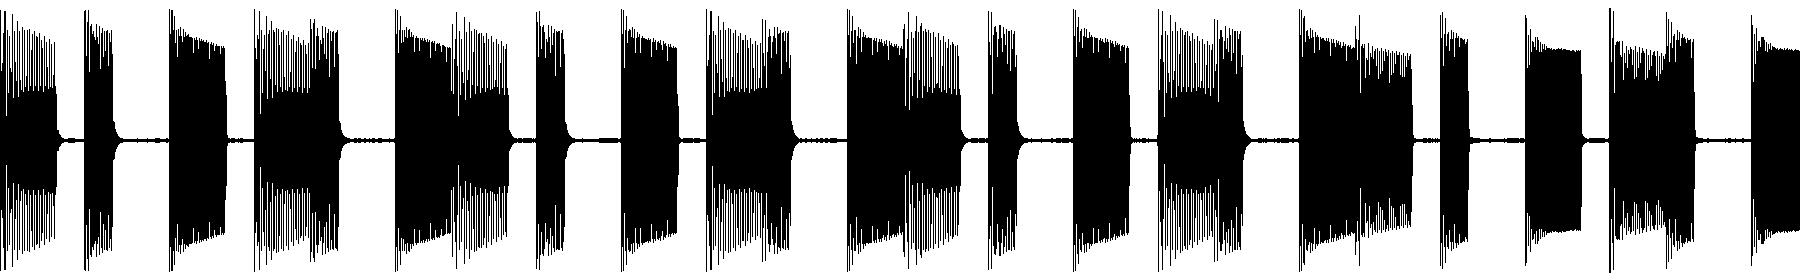 ehu basslp 128 009 g